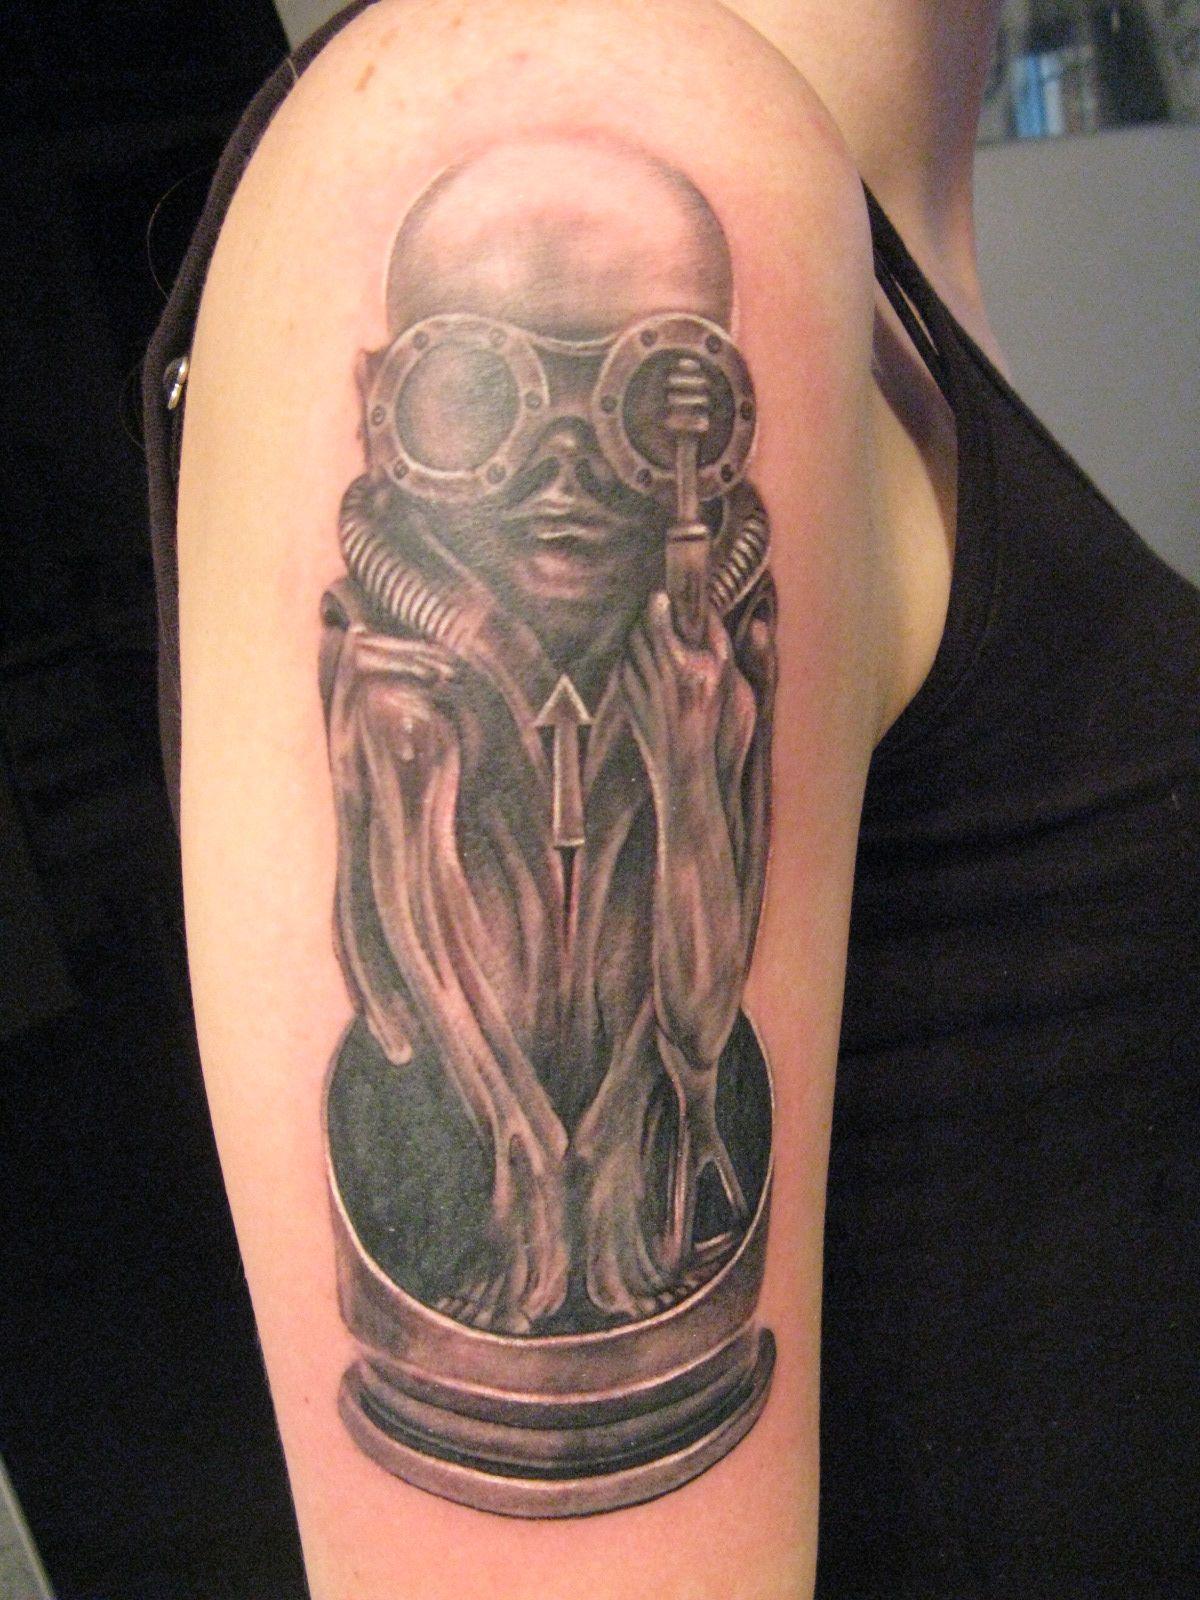 Hr giger tattoo designs - H R Giger Tattoo Netty Cz Jihlava